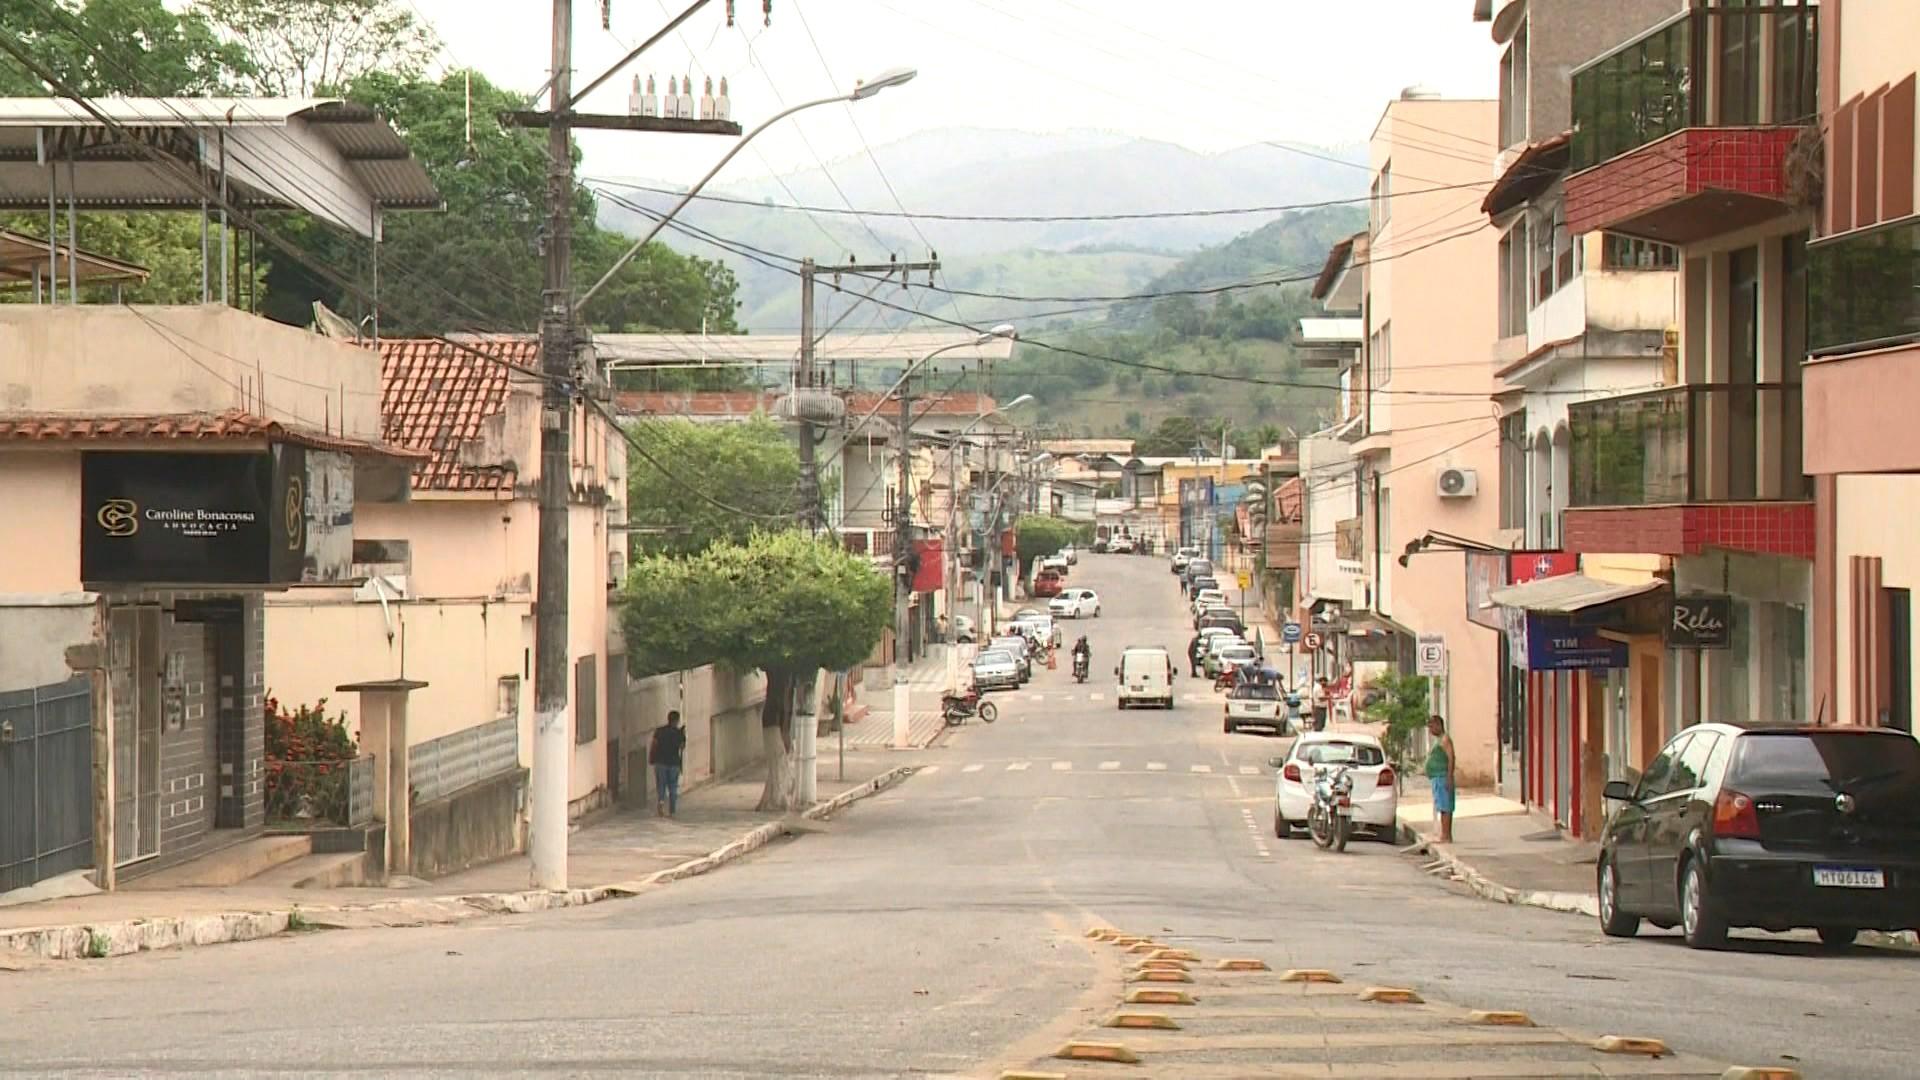 Mulher é presa após confessar ter matado taxista a facadas em Jerônimo Monteiro, ES